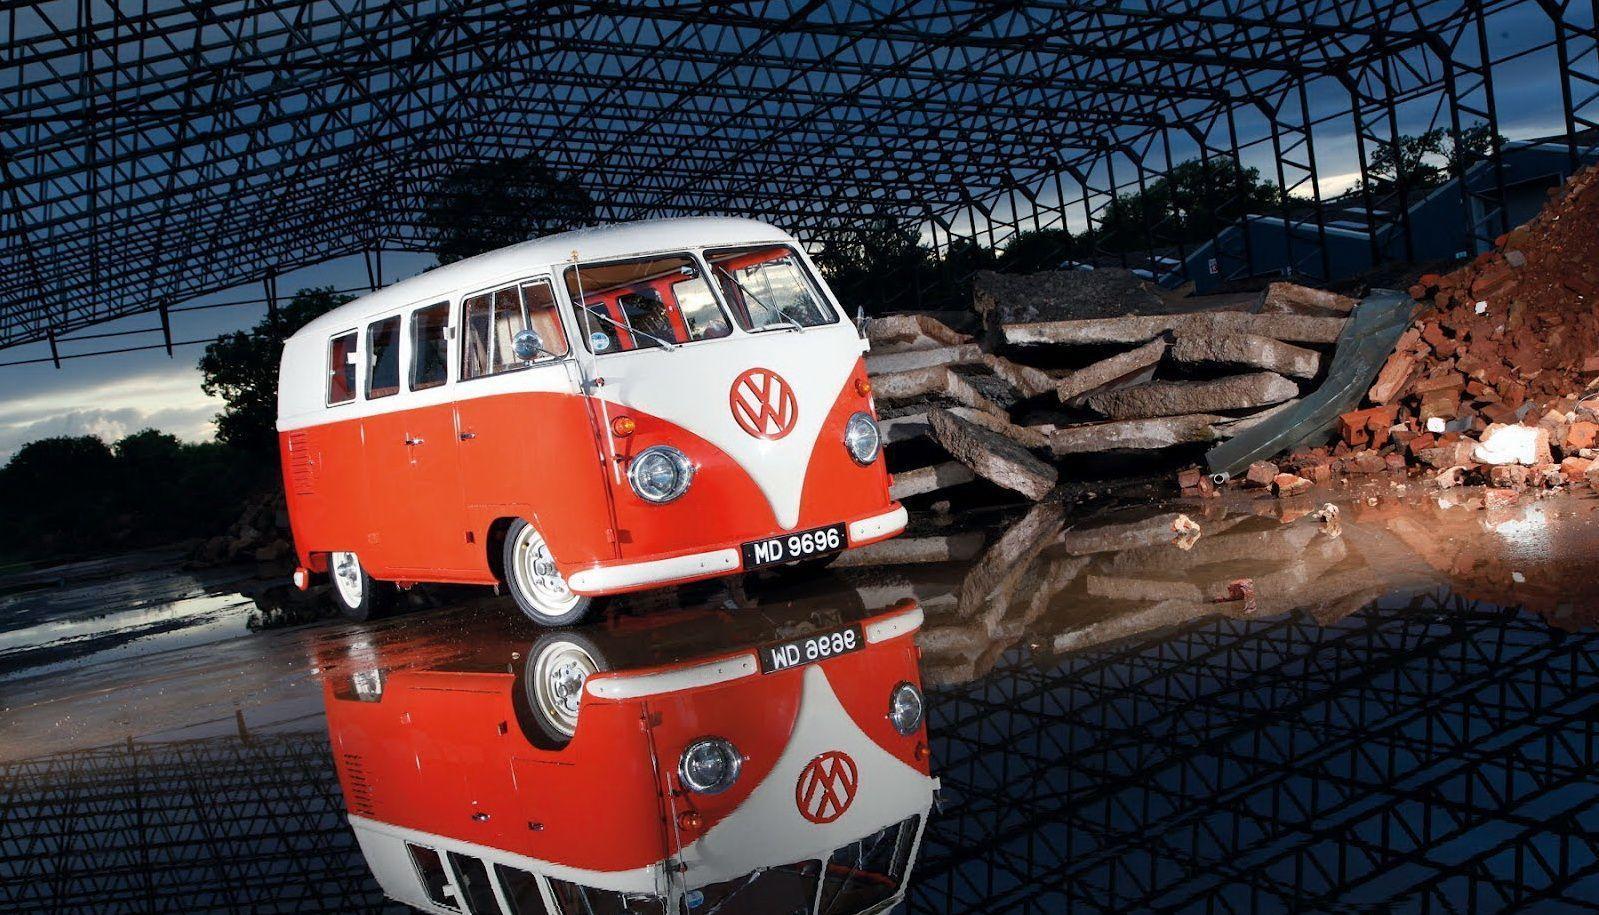 volkswagen buses wallpaper screensavers - photo #45